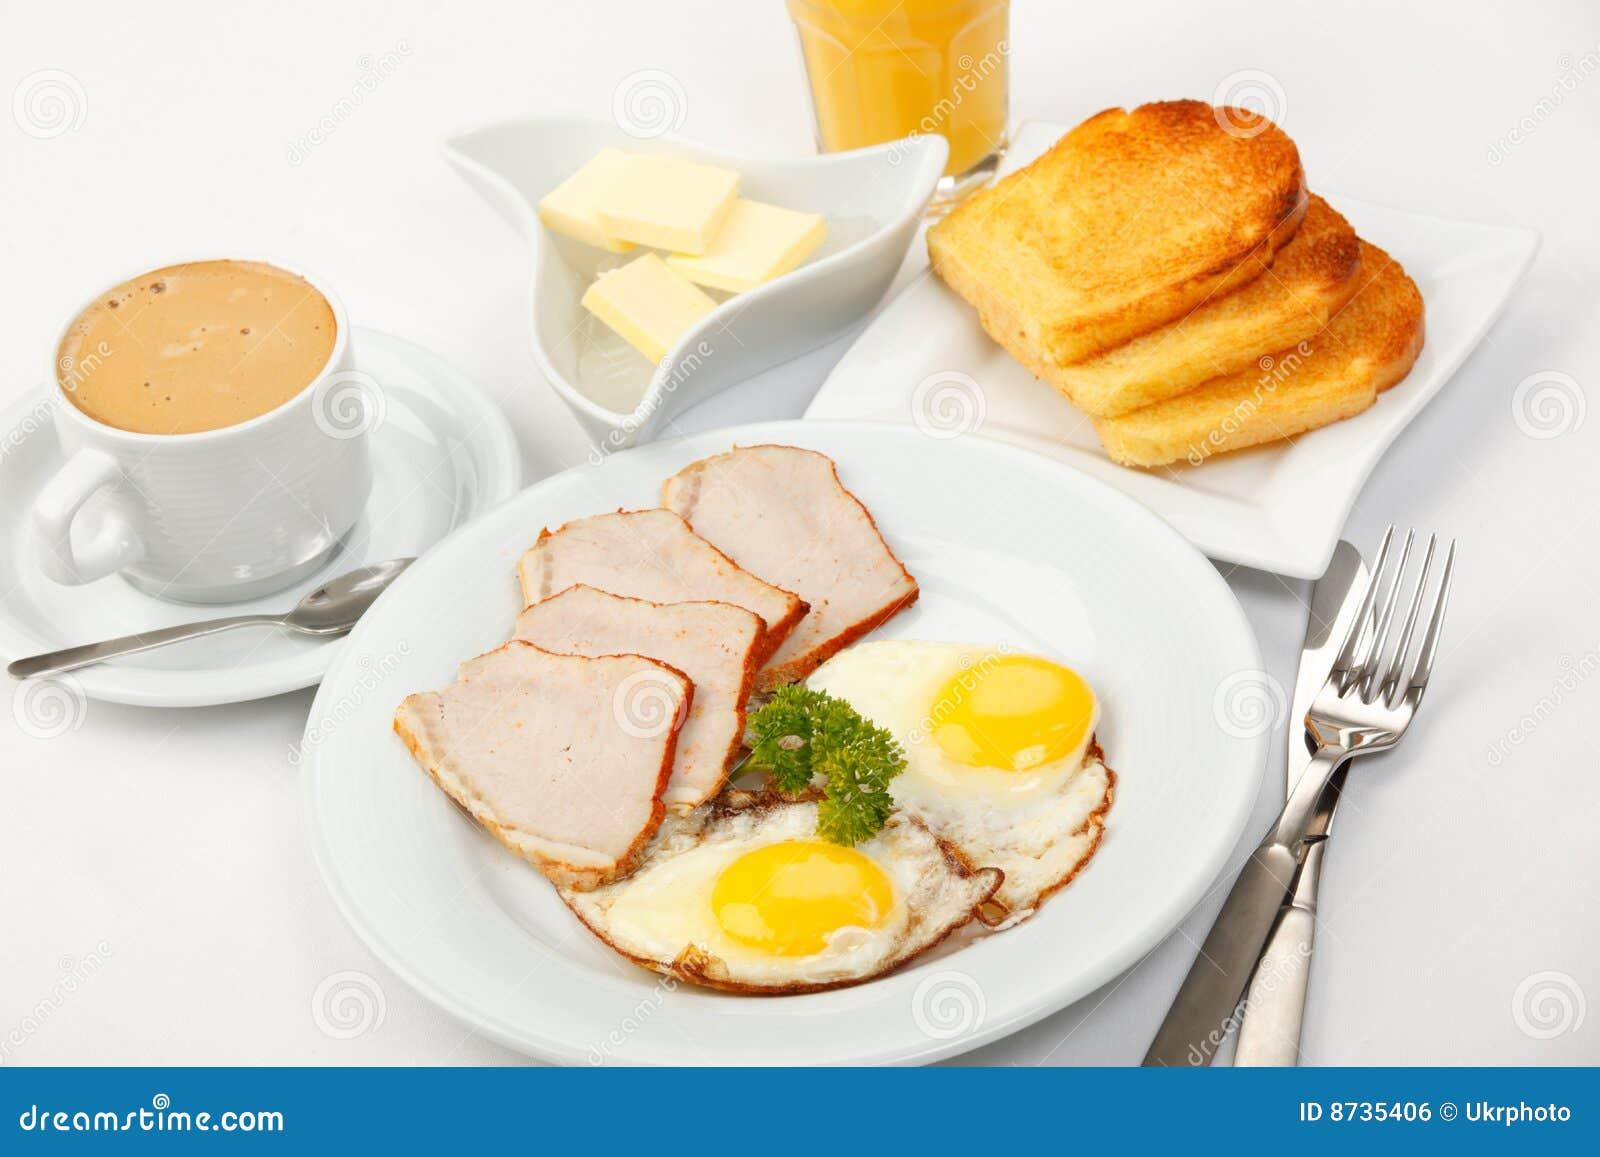 Desayuno americano foto de archivo. Imagen de desayuno ...